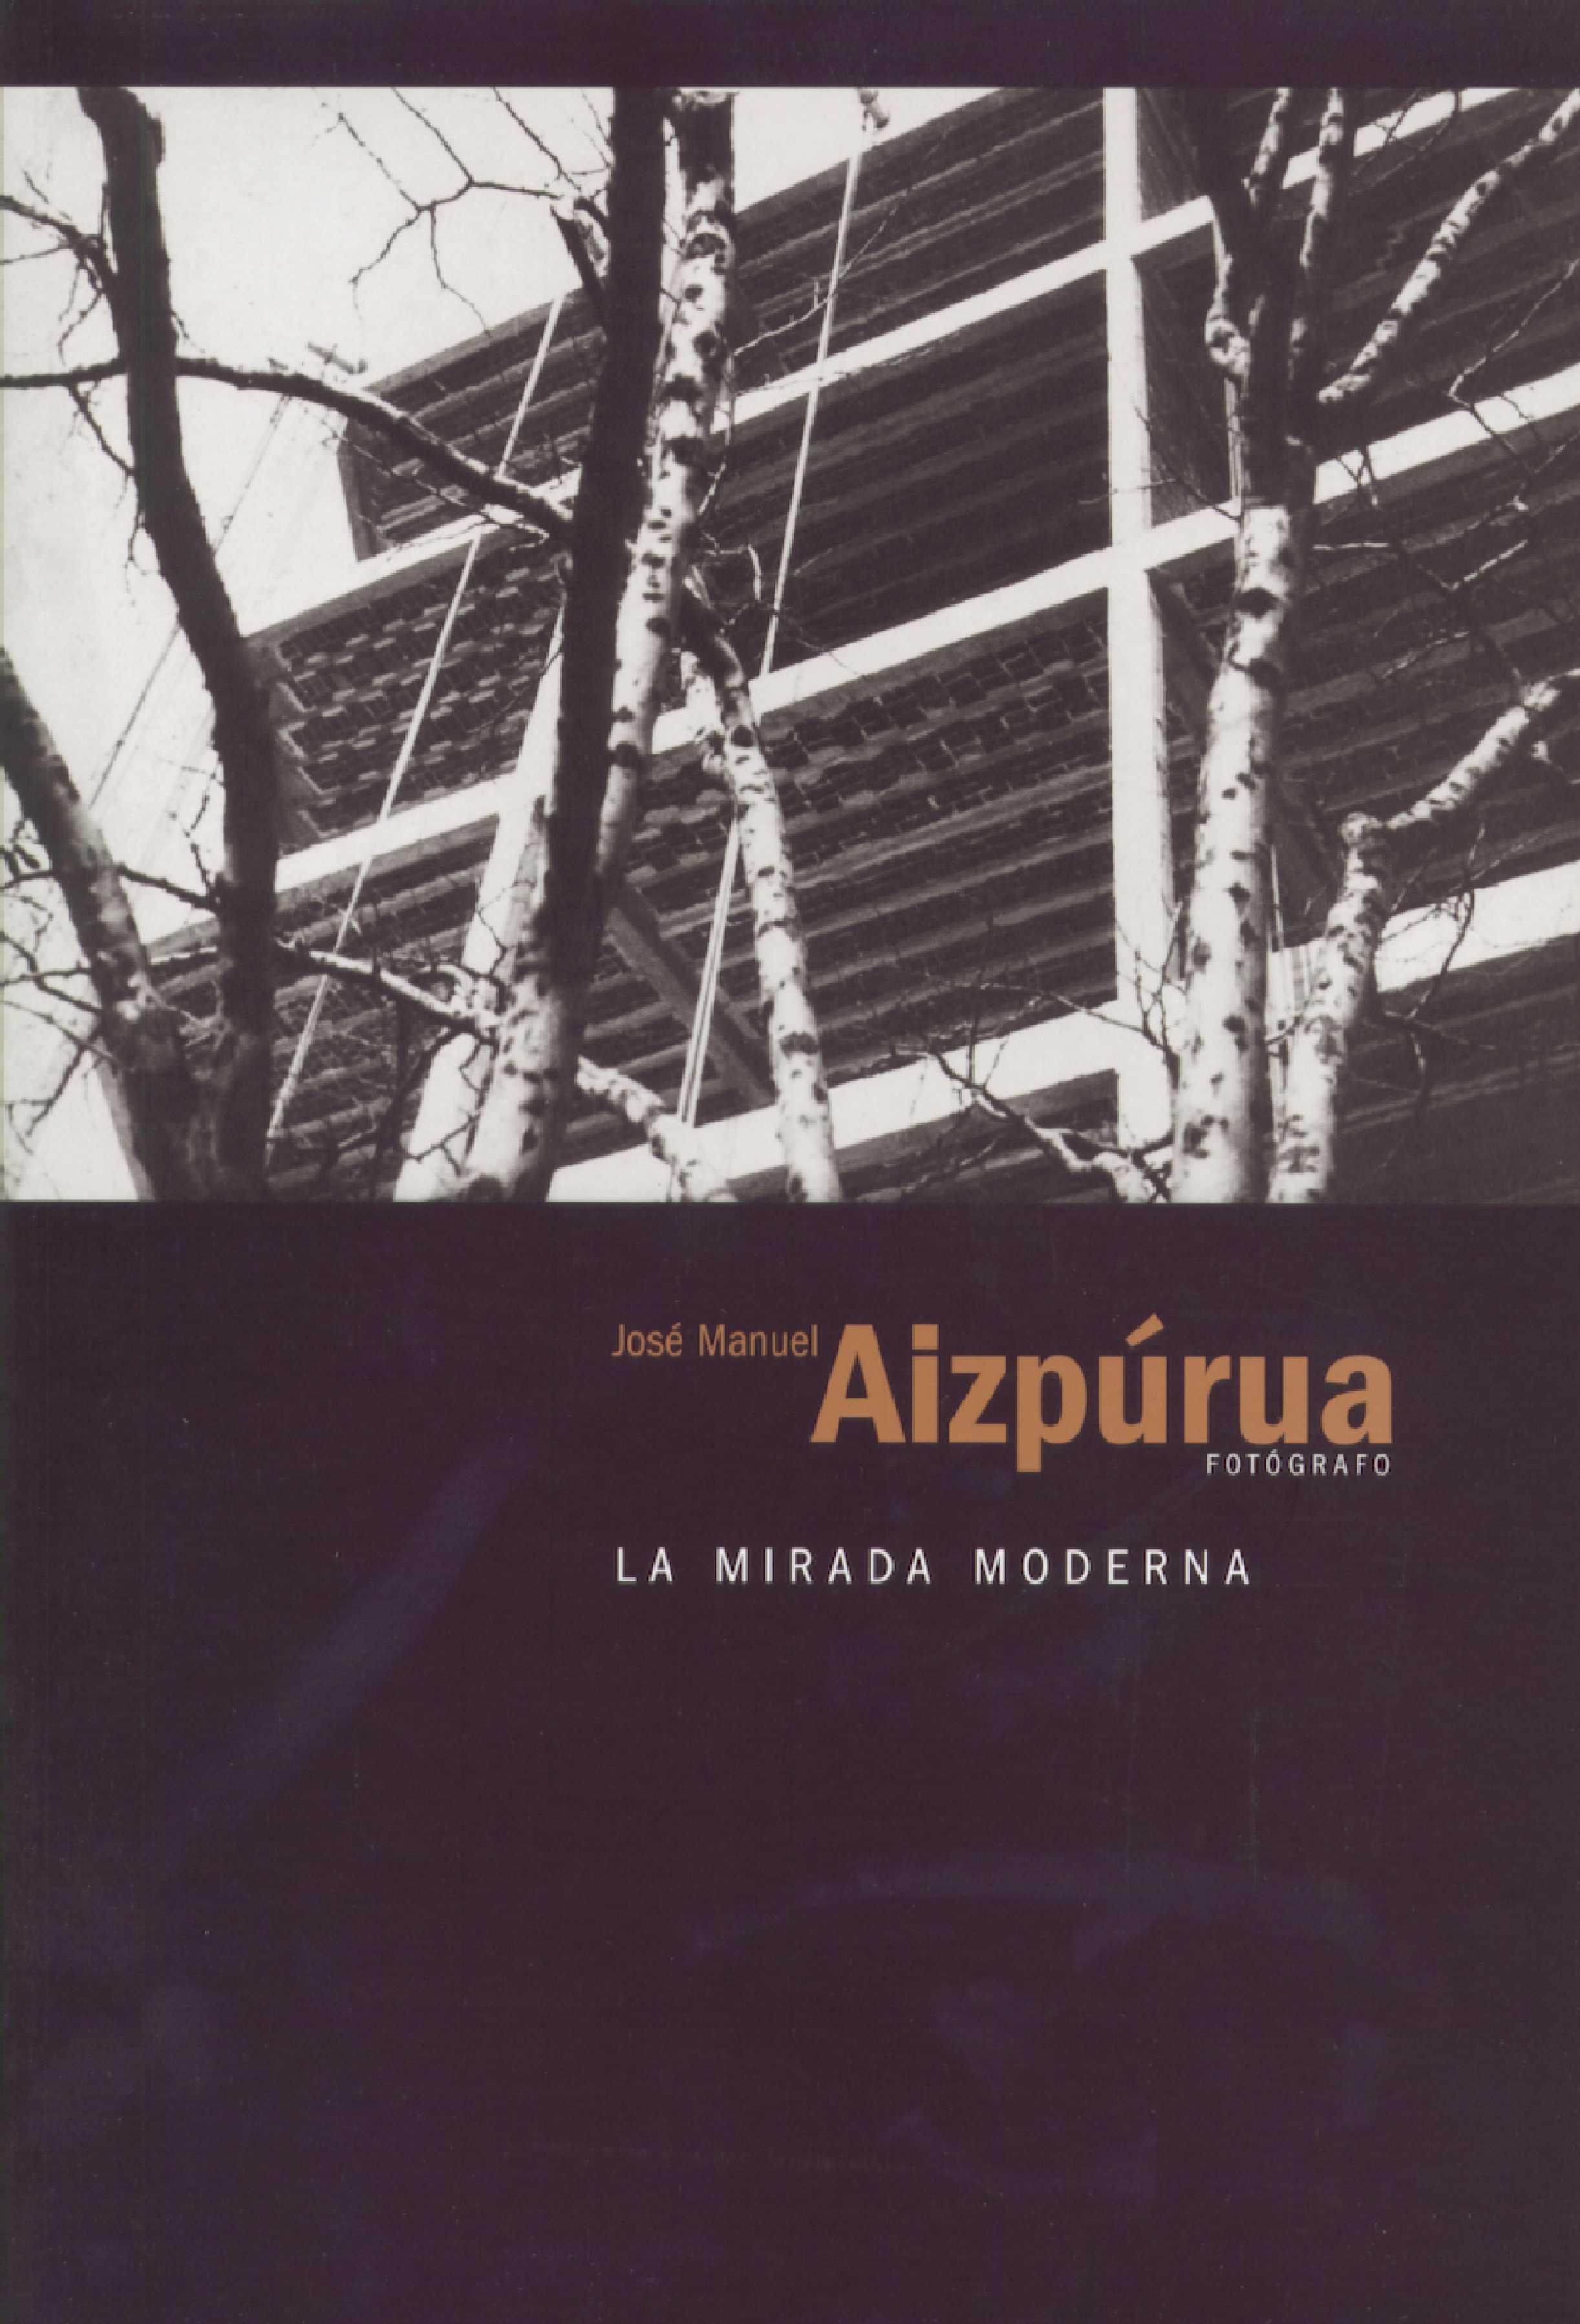 JOSÉ MANUEL AIZPÚRUA. LA MIRADA MODERNA